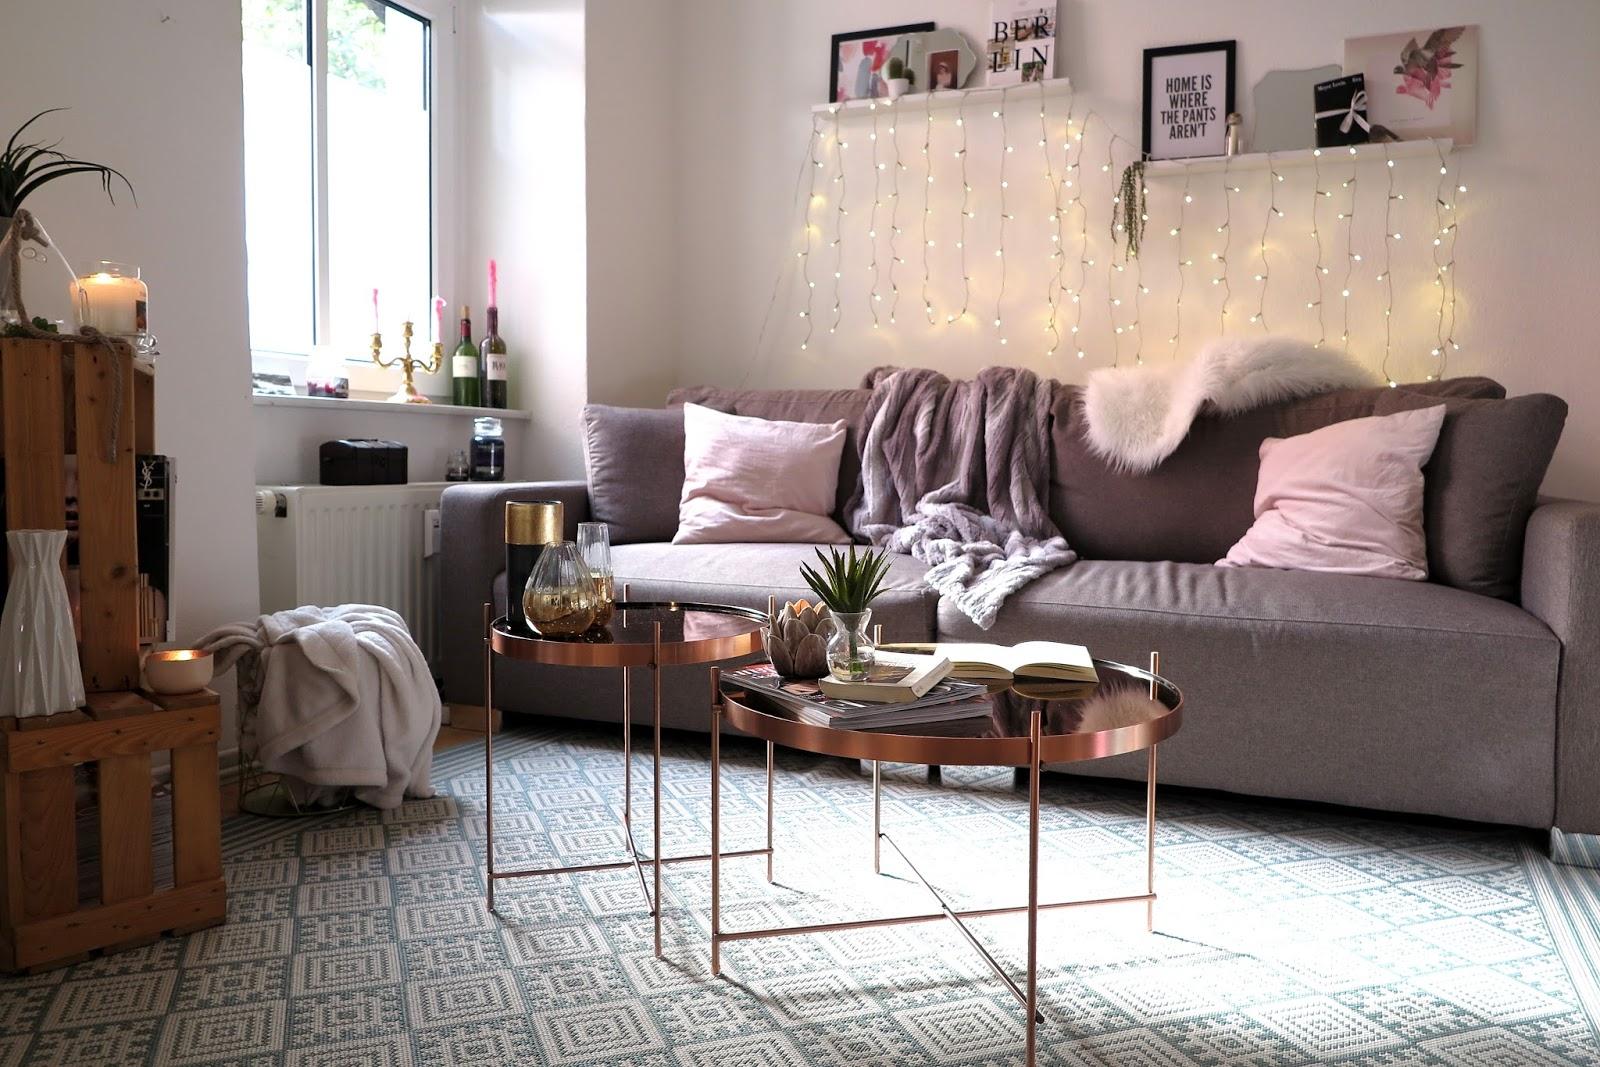 homestory | mein neues wohnzimmer | hearttobreathe, Wohnzimmer